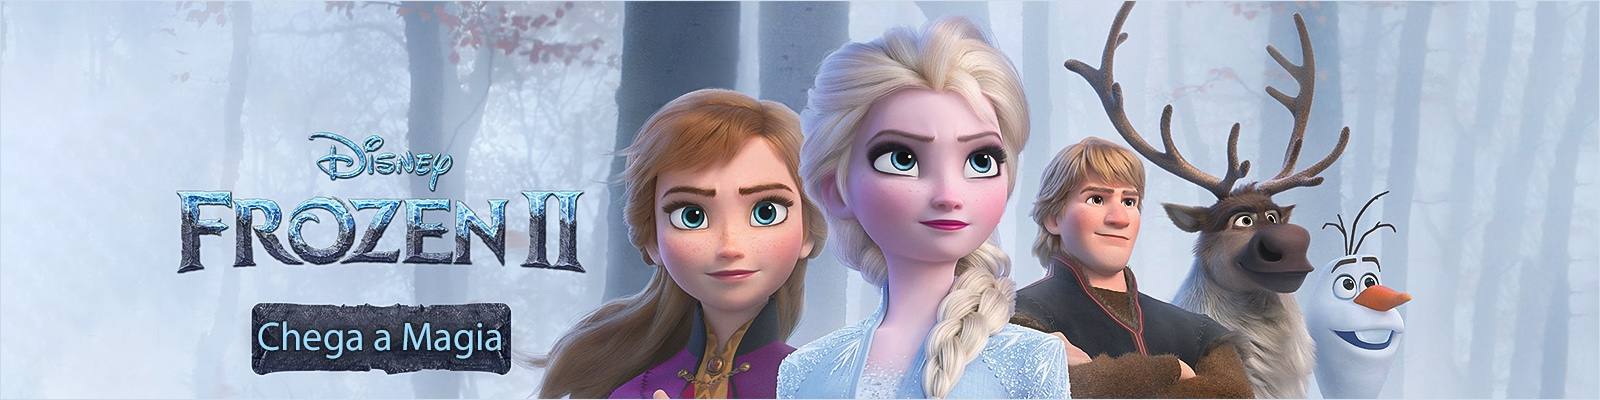 Comprar Brinquedos Frozen 2 online | Envios Gratis desde 49€